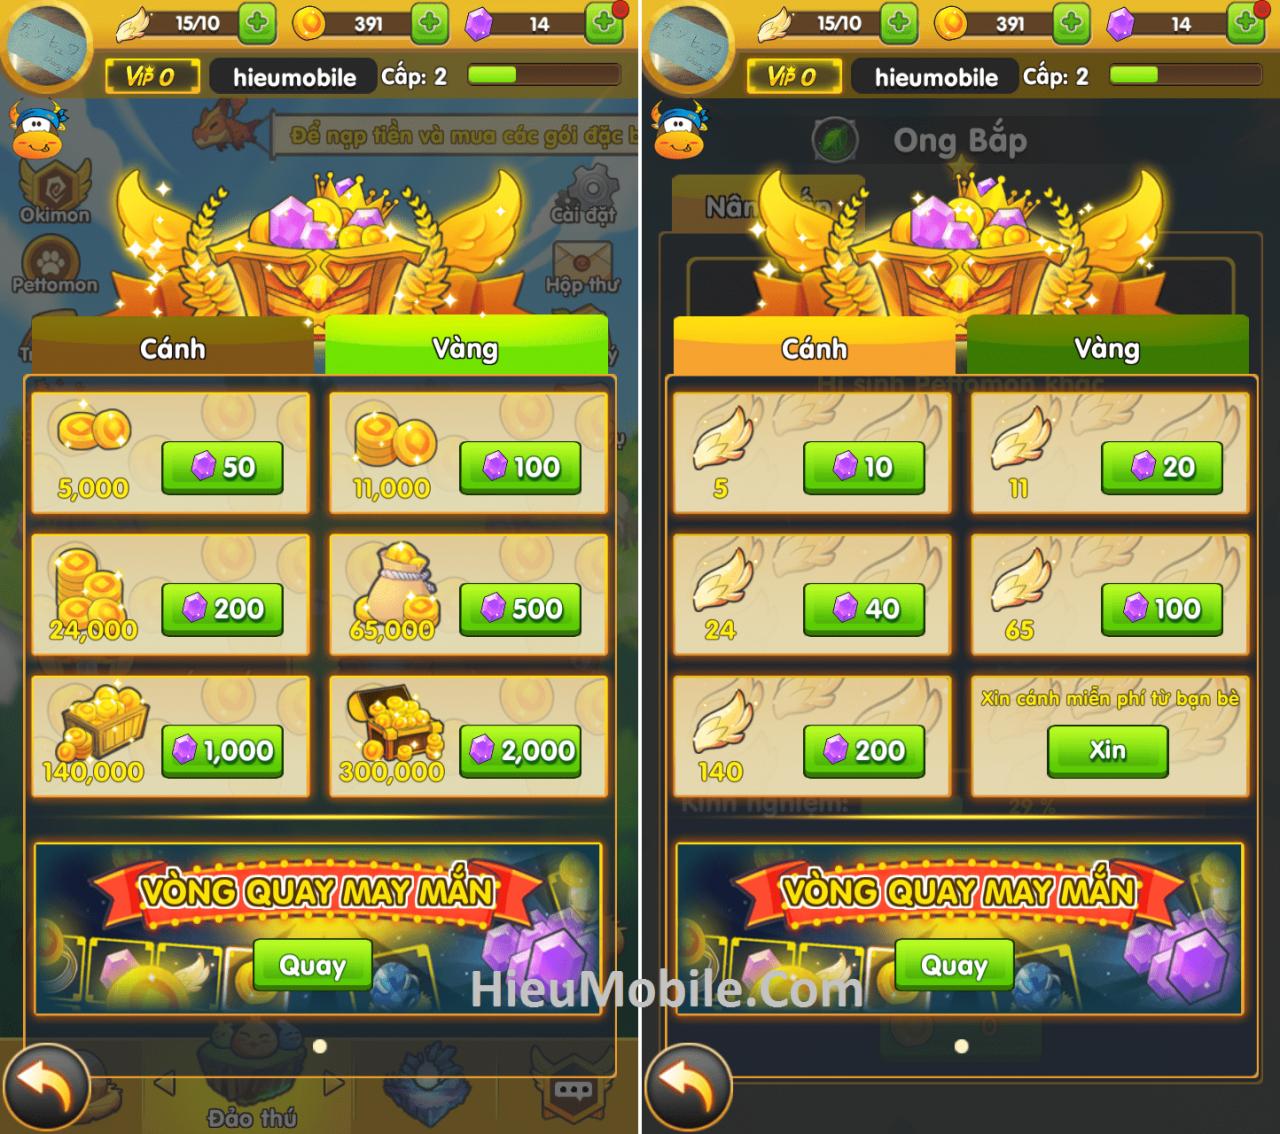 Hình ảnh yIjZnlL của Hướng dẫn nạp thẻ và bảng giá Kim Cương game Phi Đội Mobile tại HieuMobile